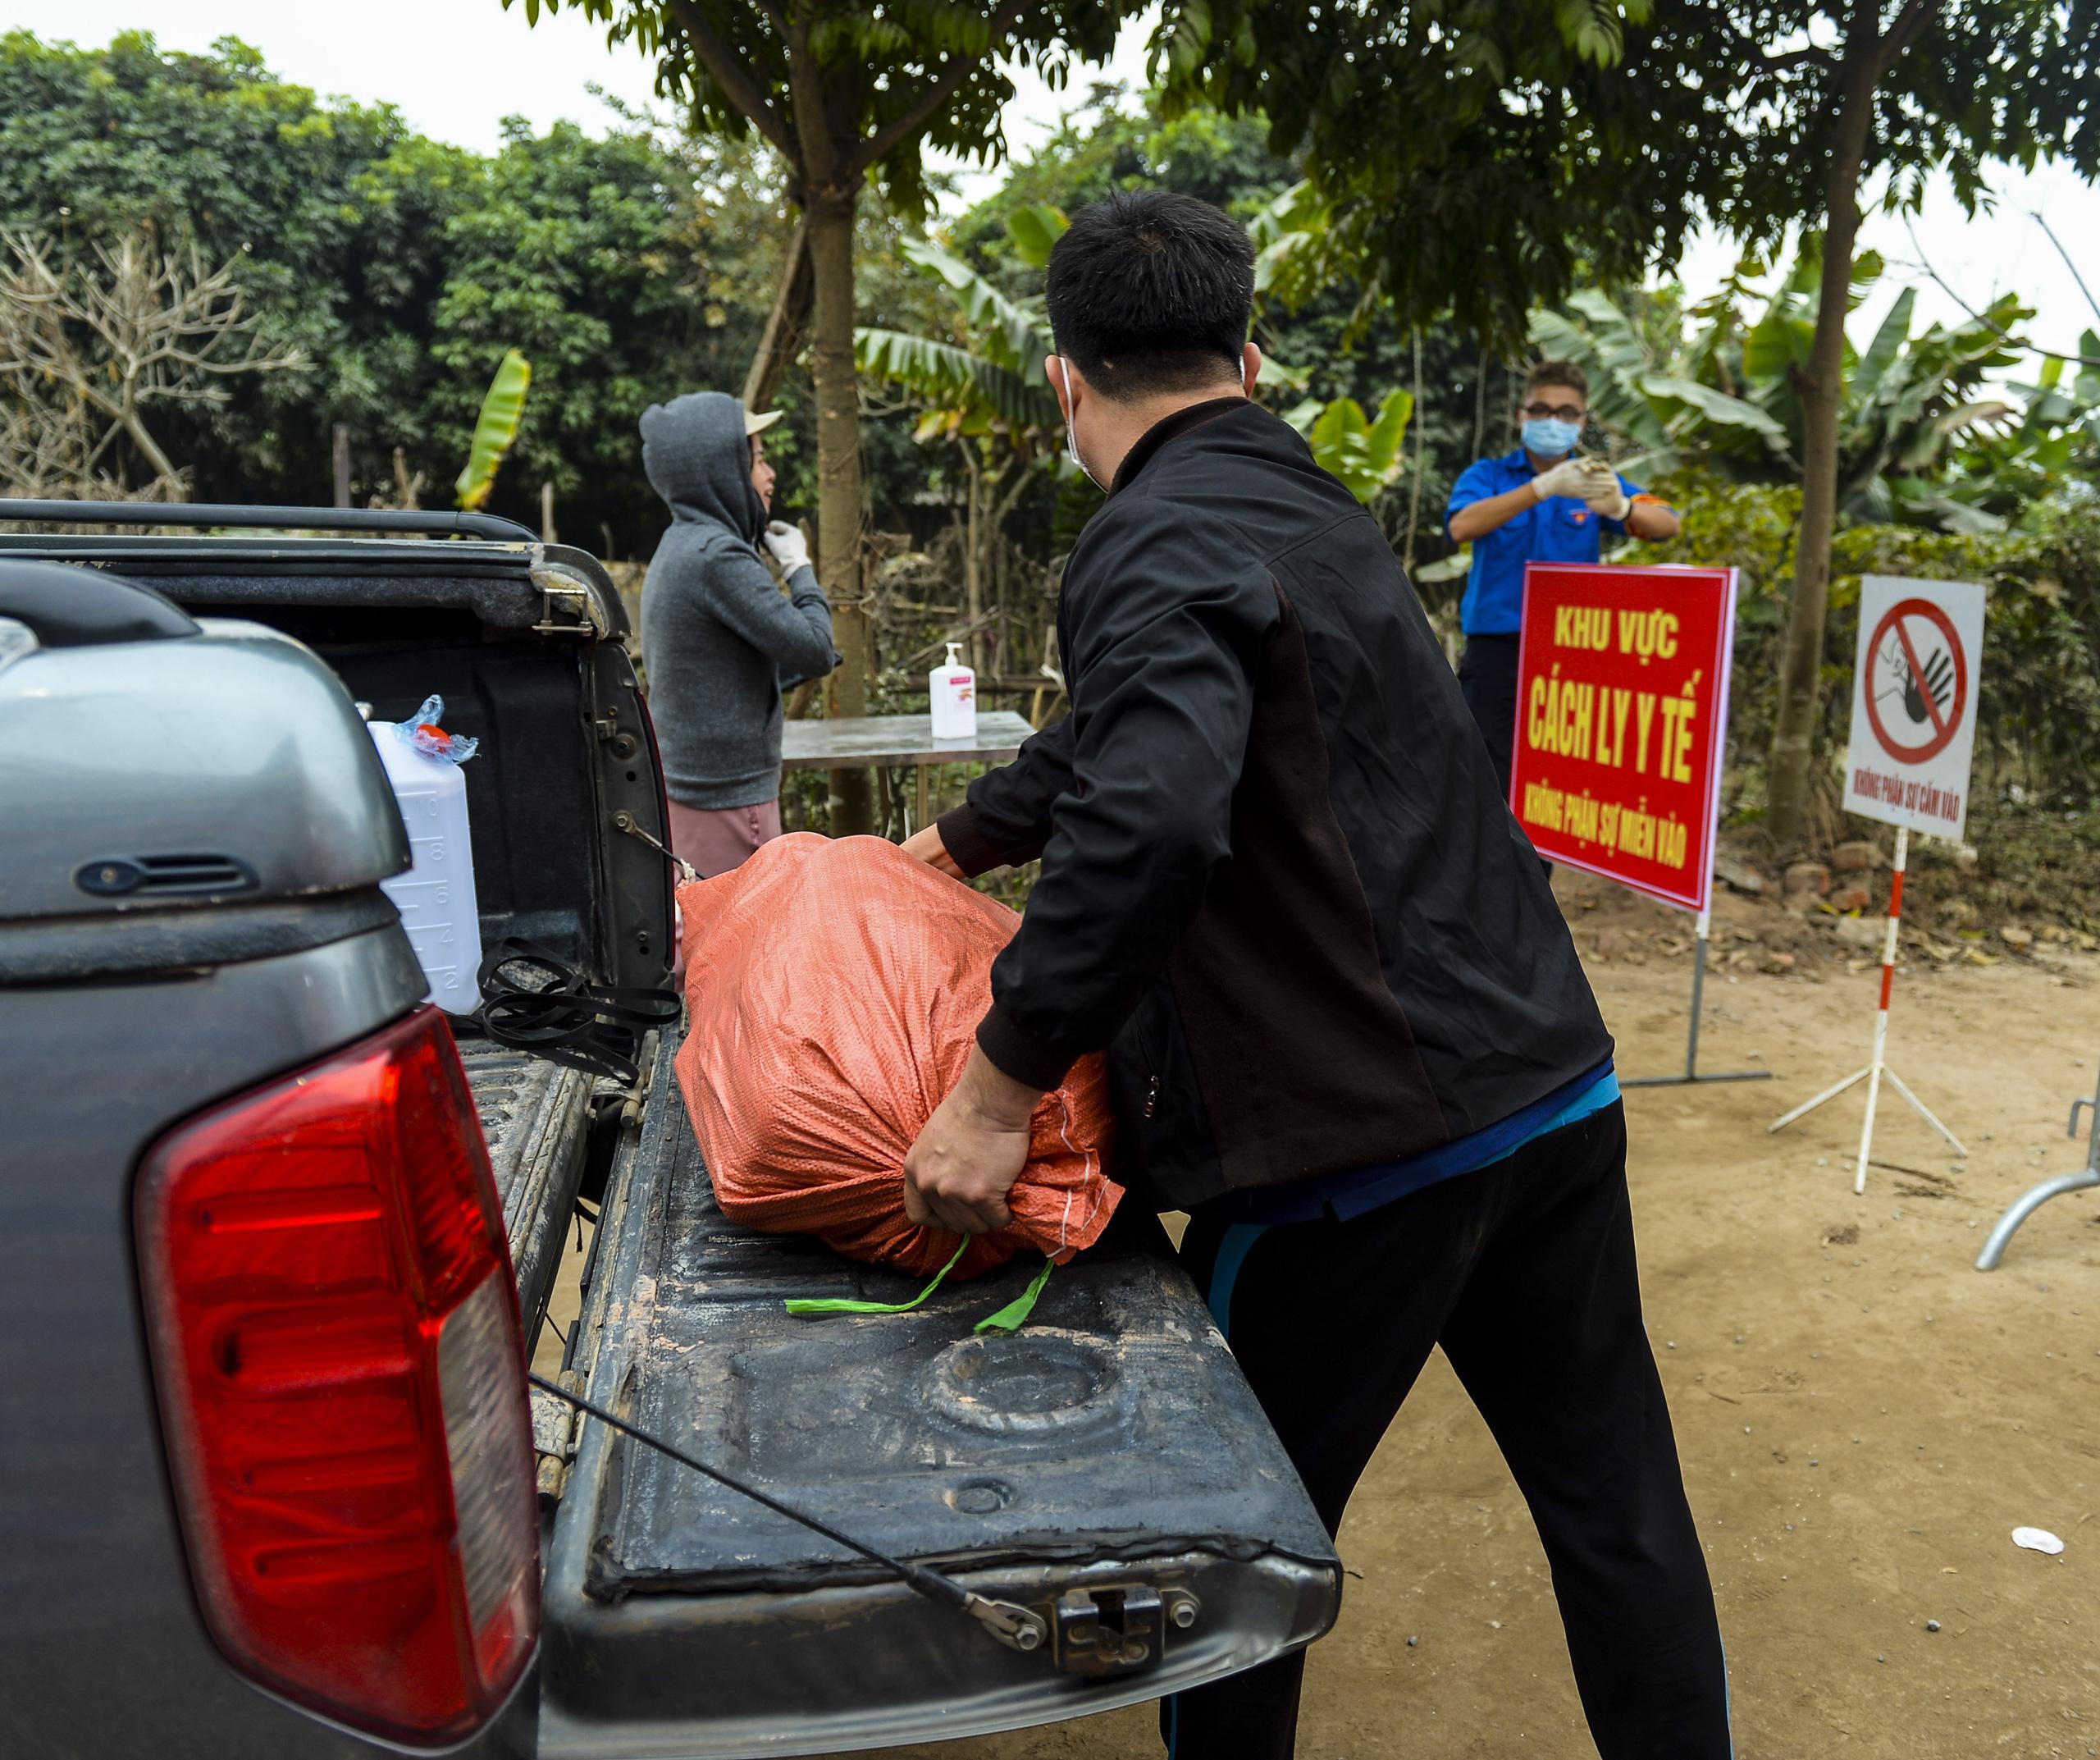 Hà Nội: Một gia đình dùng xe bán tải tiếp tế đồ cho người thân đang bị cách ly ở Đông Anh - Ảnh 11.